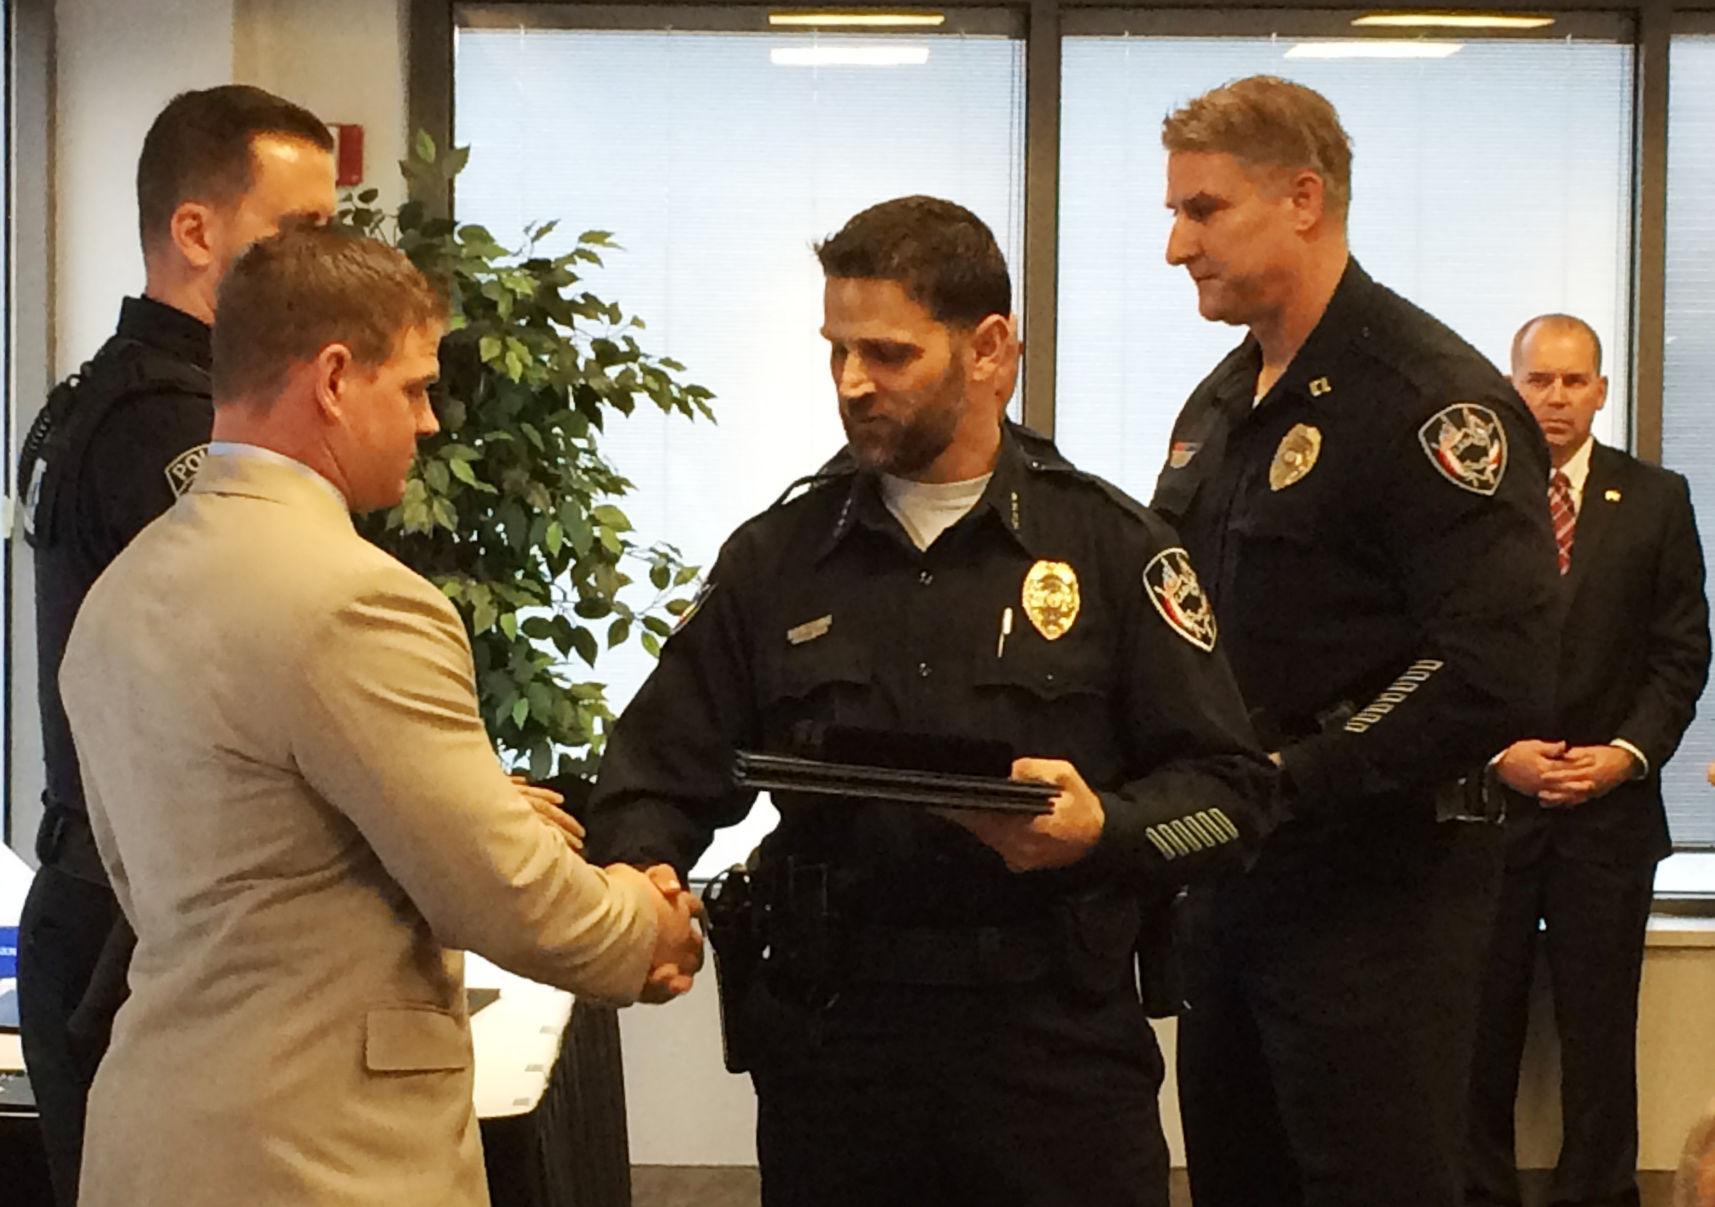 casper police award officers  citizens for hard work